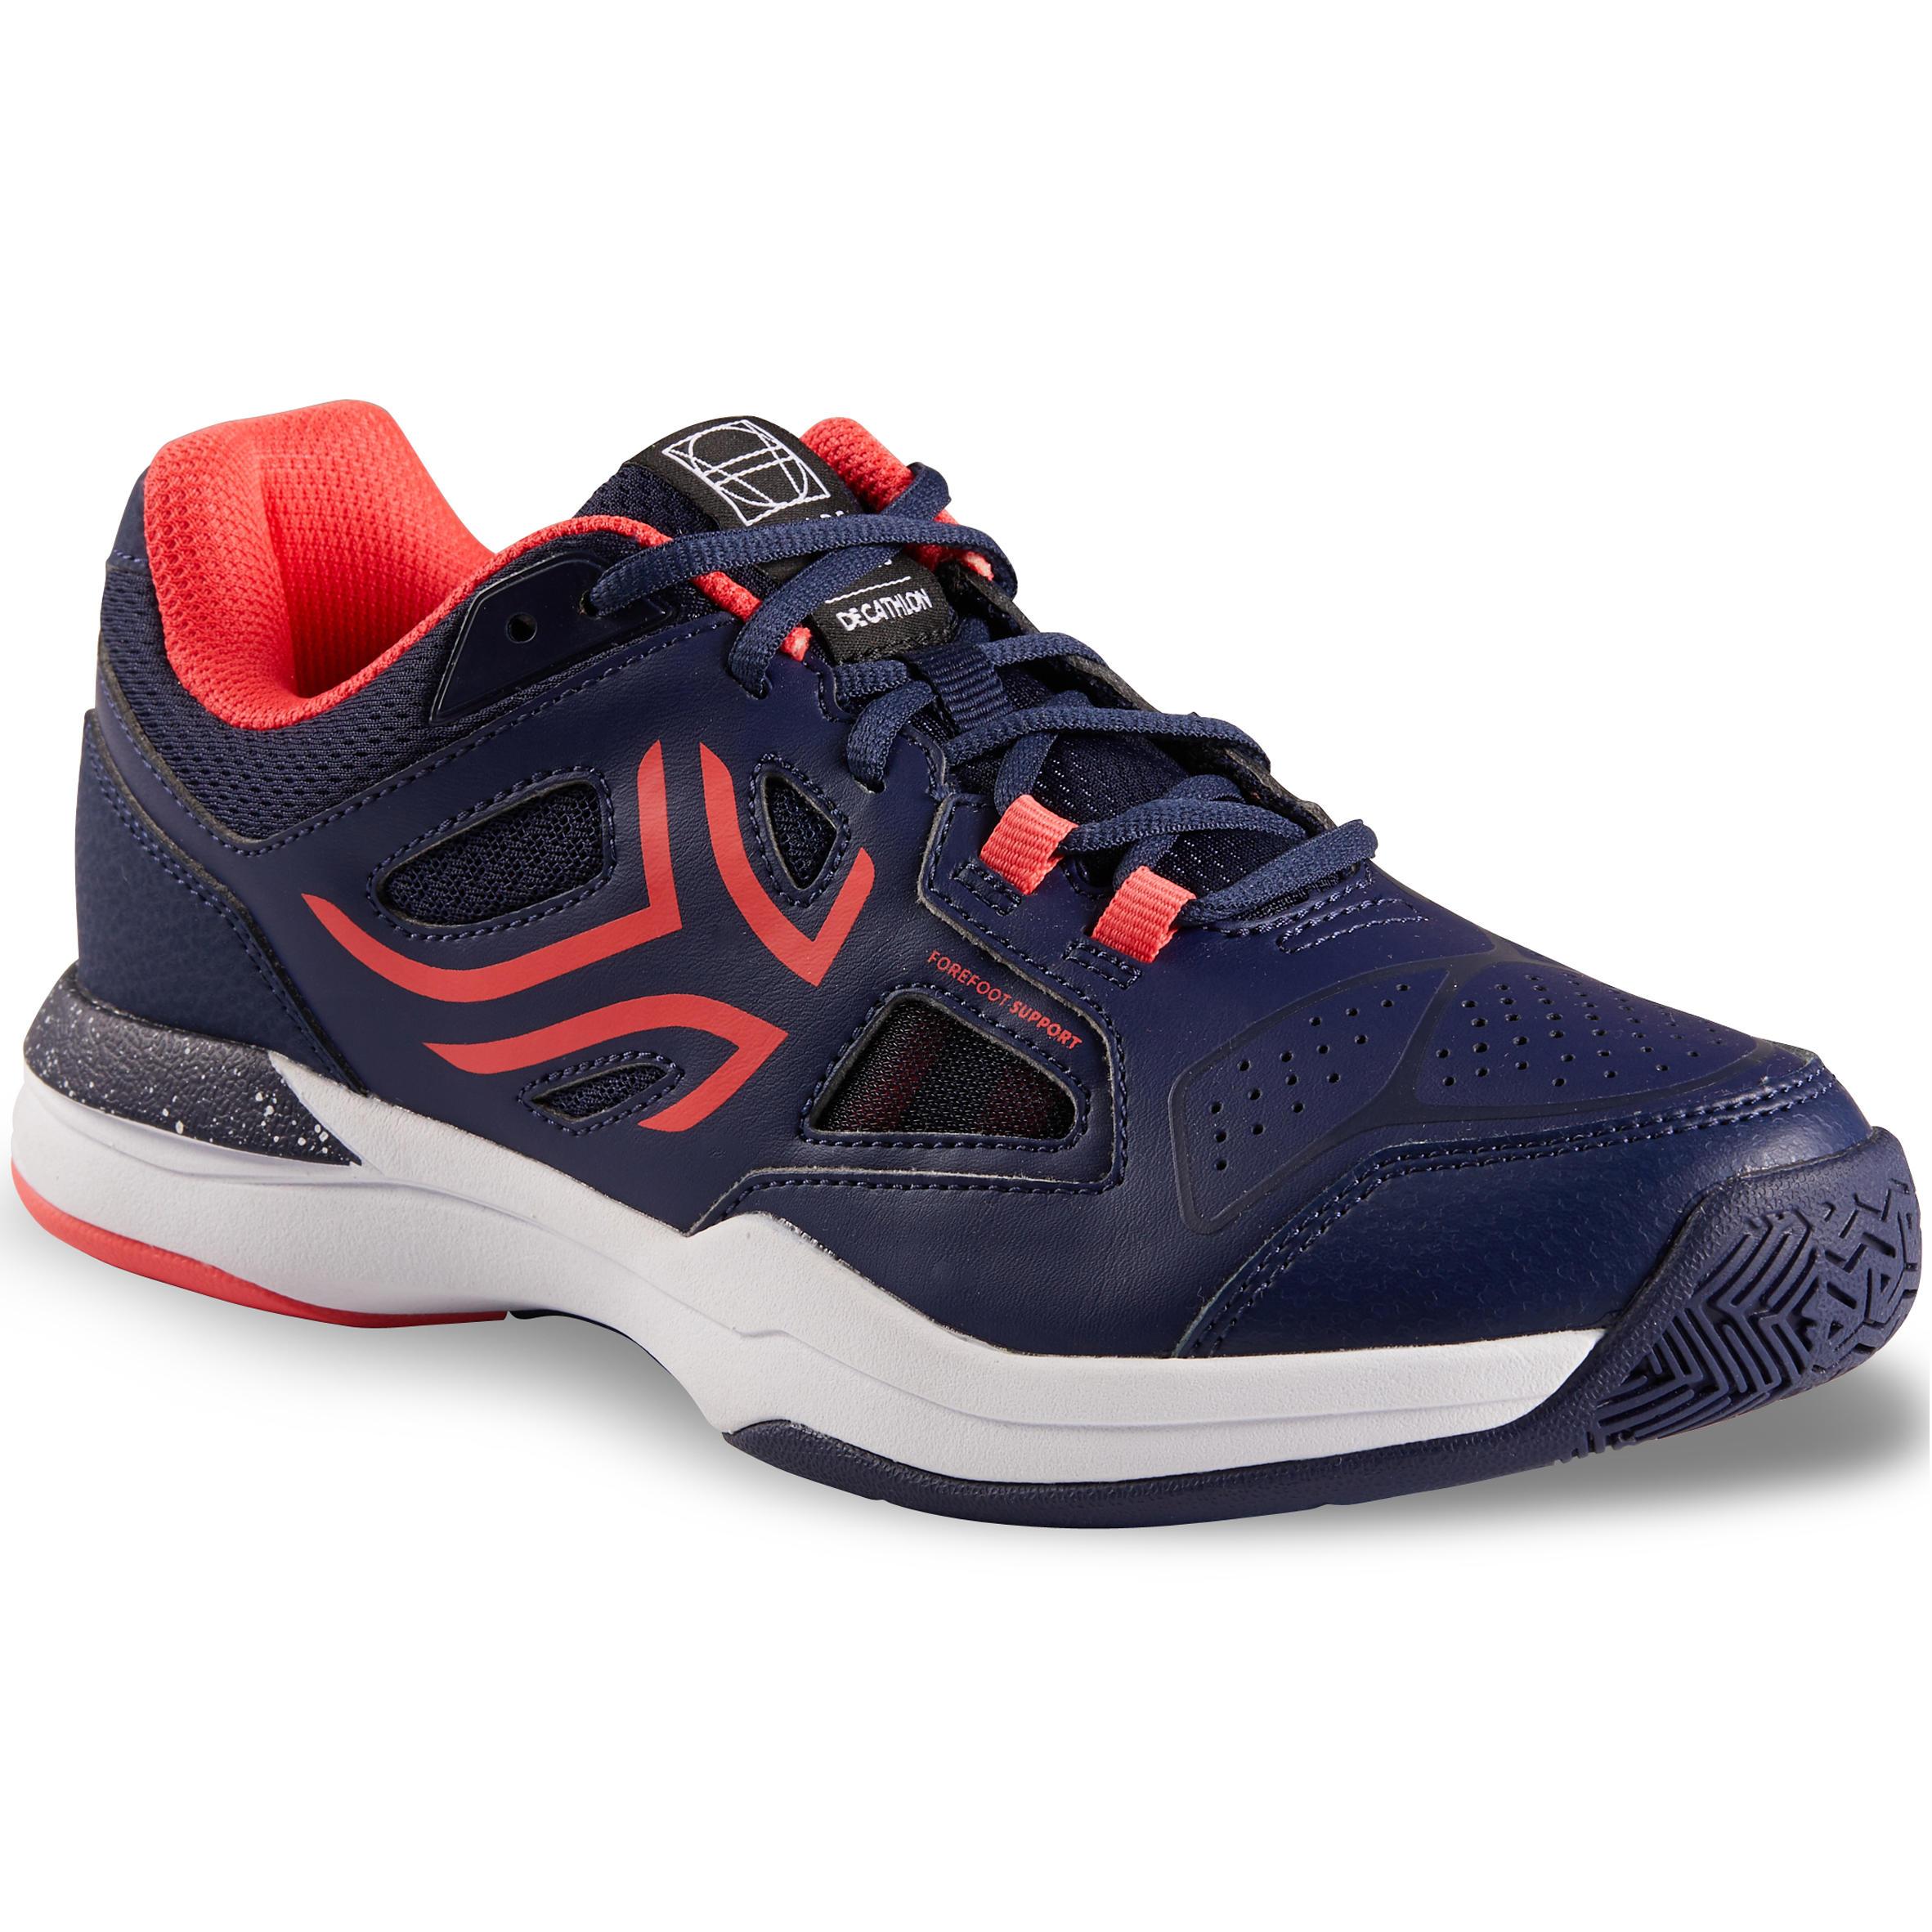 Artengo Tennisschoenen voor dames TS 500 marineblauw